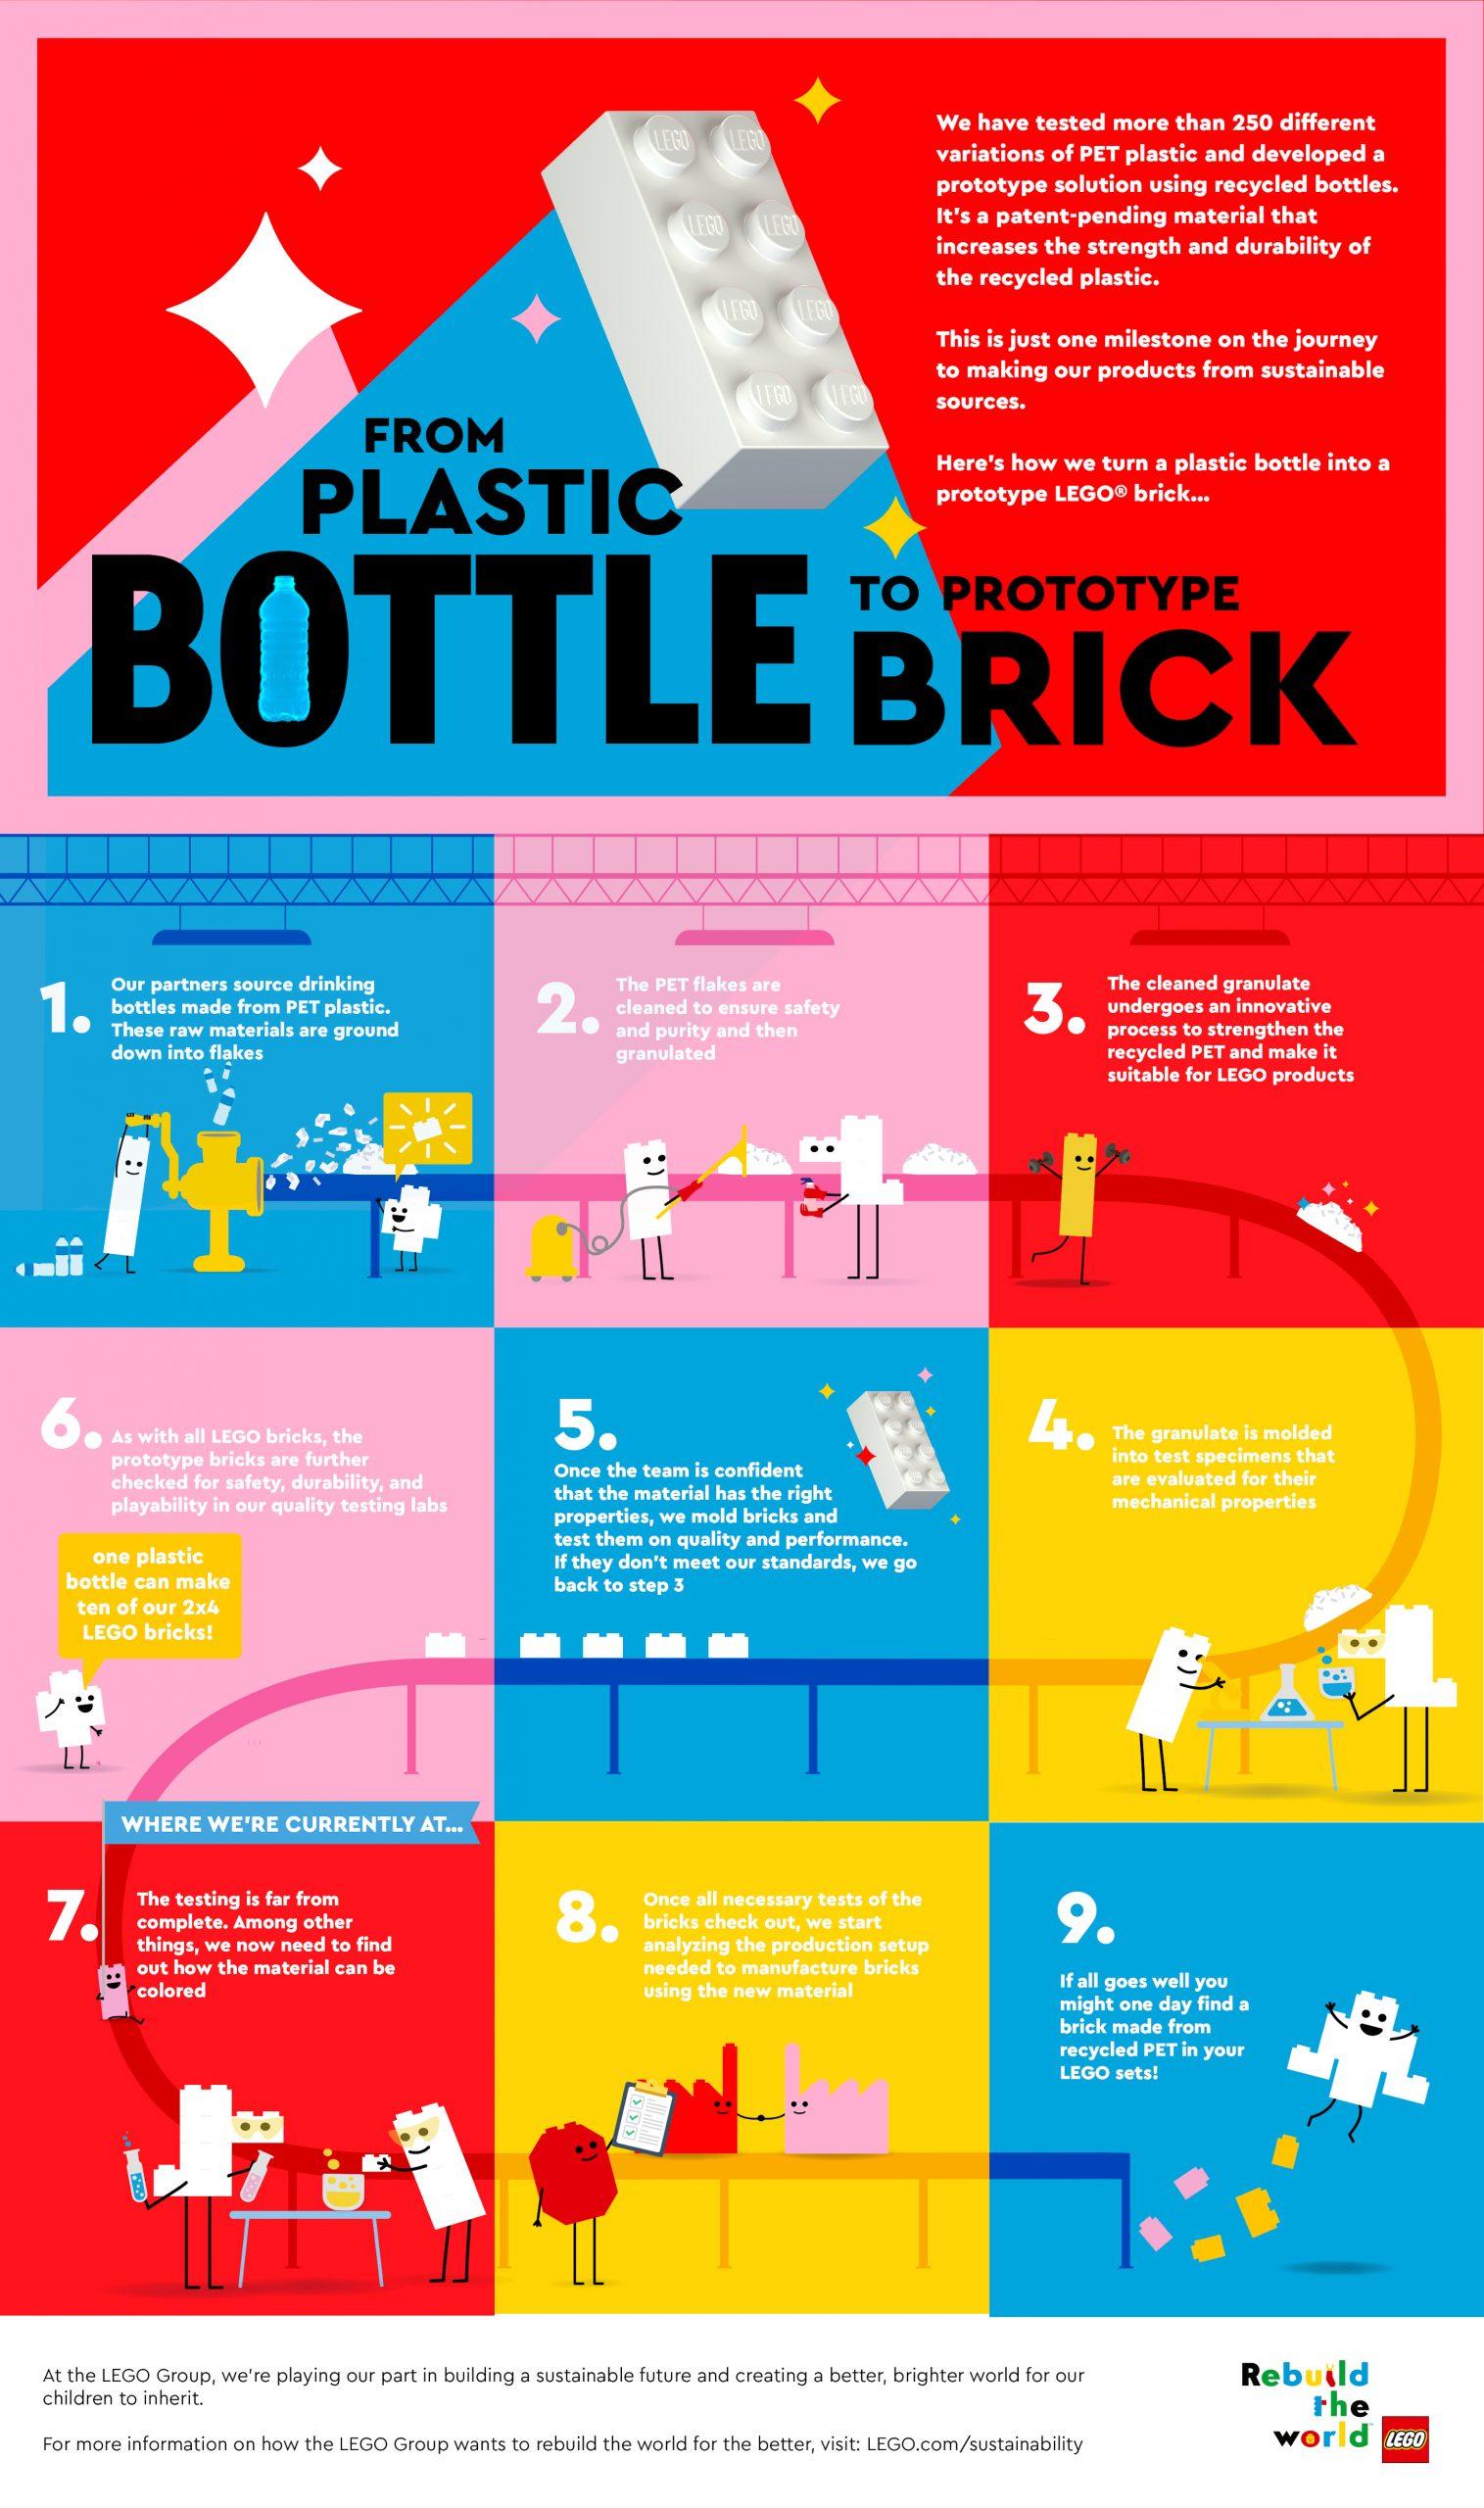 primul prototip de cărămidă LEGO® din plastic reciclat